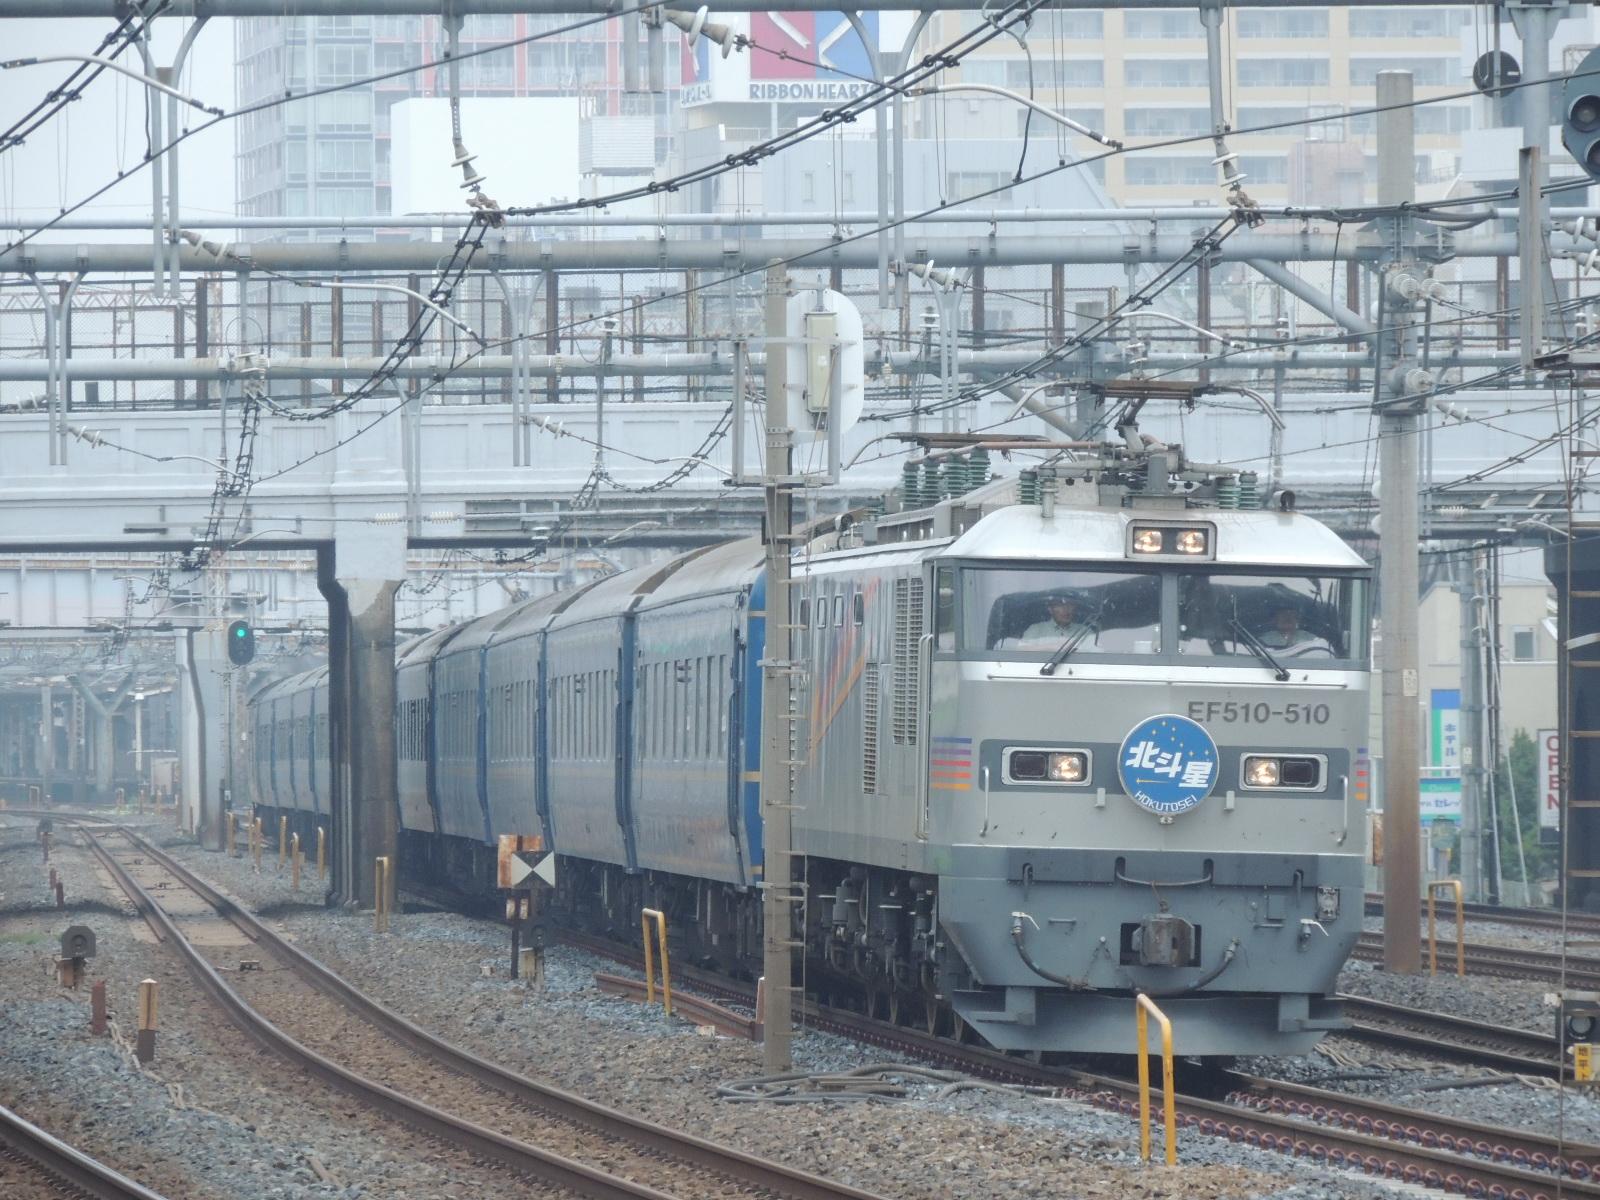 DSCN3194.jpg